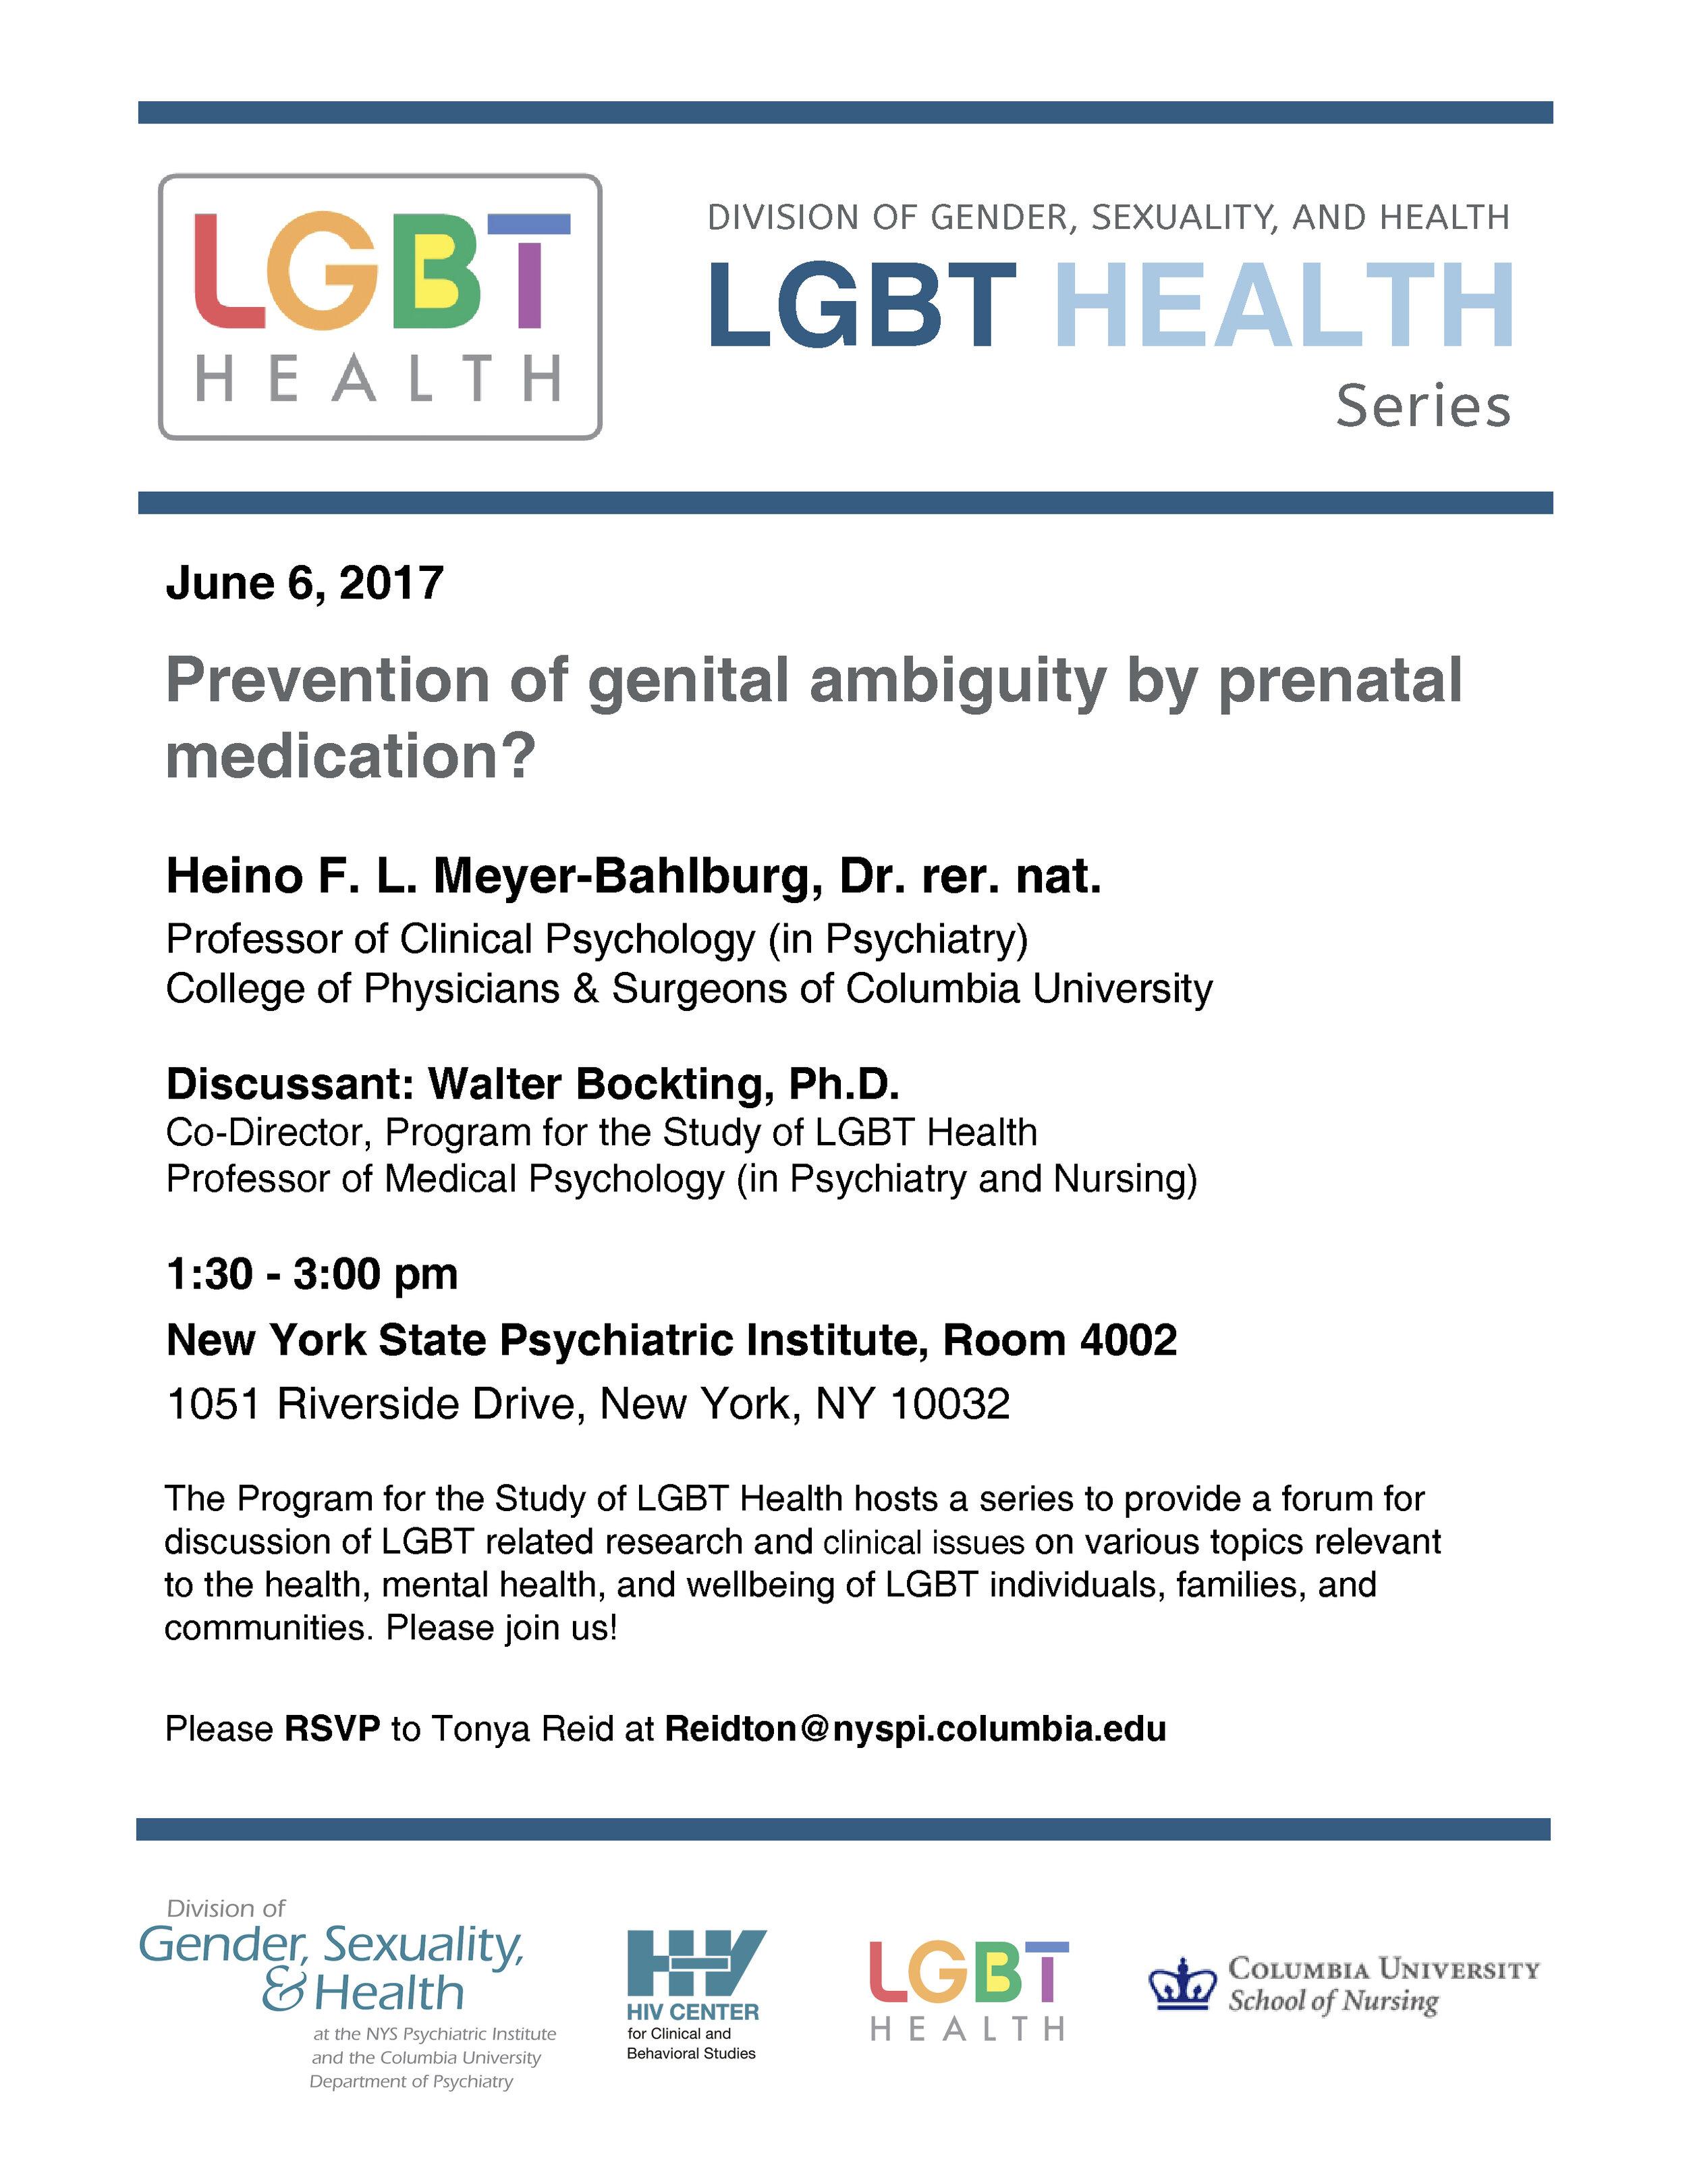 LGBT Health Series June 6 2017.jpg